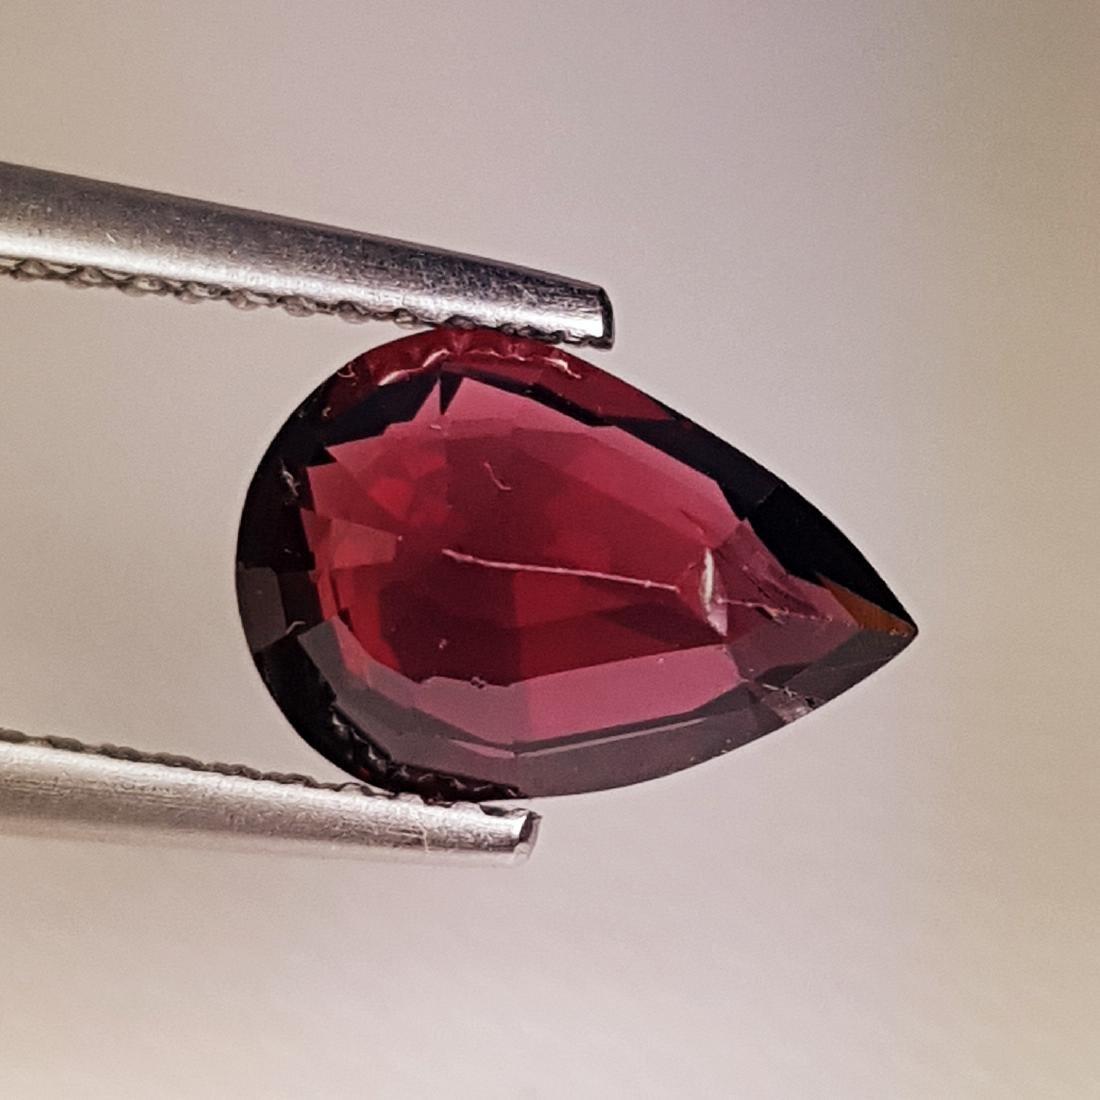 Beautiful Natural Rhodolite Garnet - 2.59 ct - 2